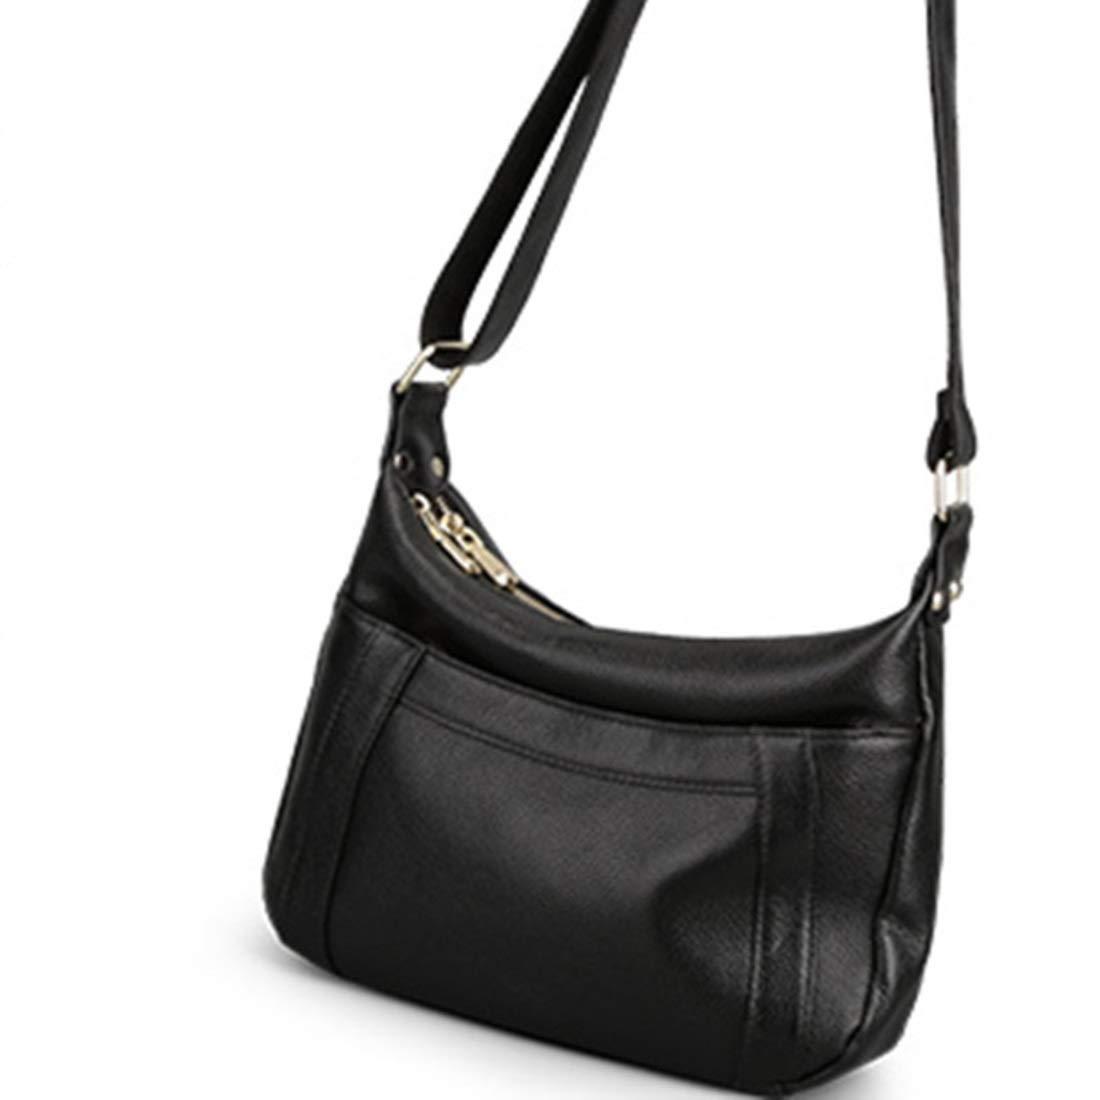 Klerokoh Damen Umhängetasche Hobo Handtasche Crossbody Taschen für Damen Large Big OverGröße für Damen (Farbe   schwarz) B07QJWZ3MJ Umhngetaschen Modestamm